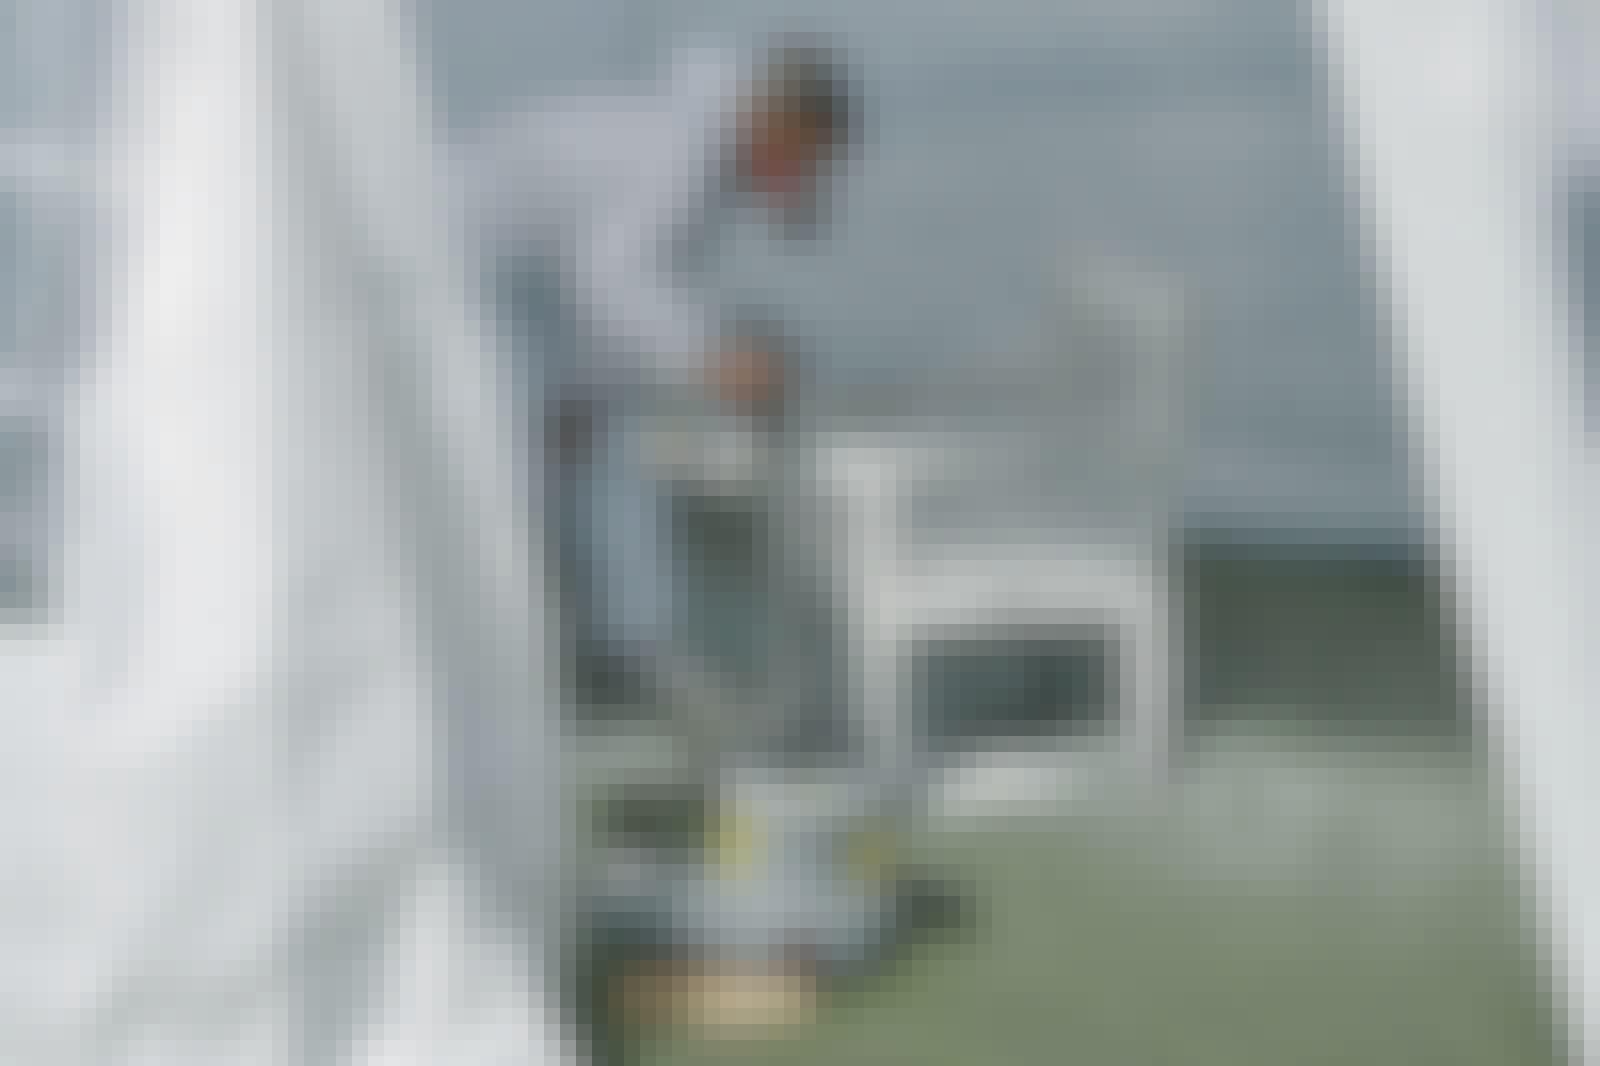 Sprøjtemaling: Vil du have fuld kontrol over sprøjtemalingen, når du maler udendørs, kan du bygge et lukket rum som på billedet her.